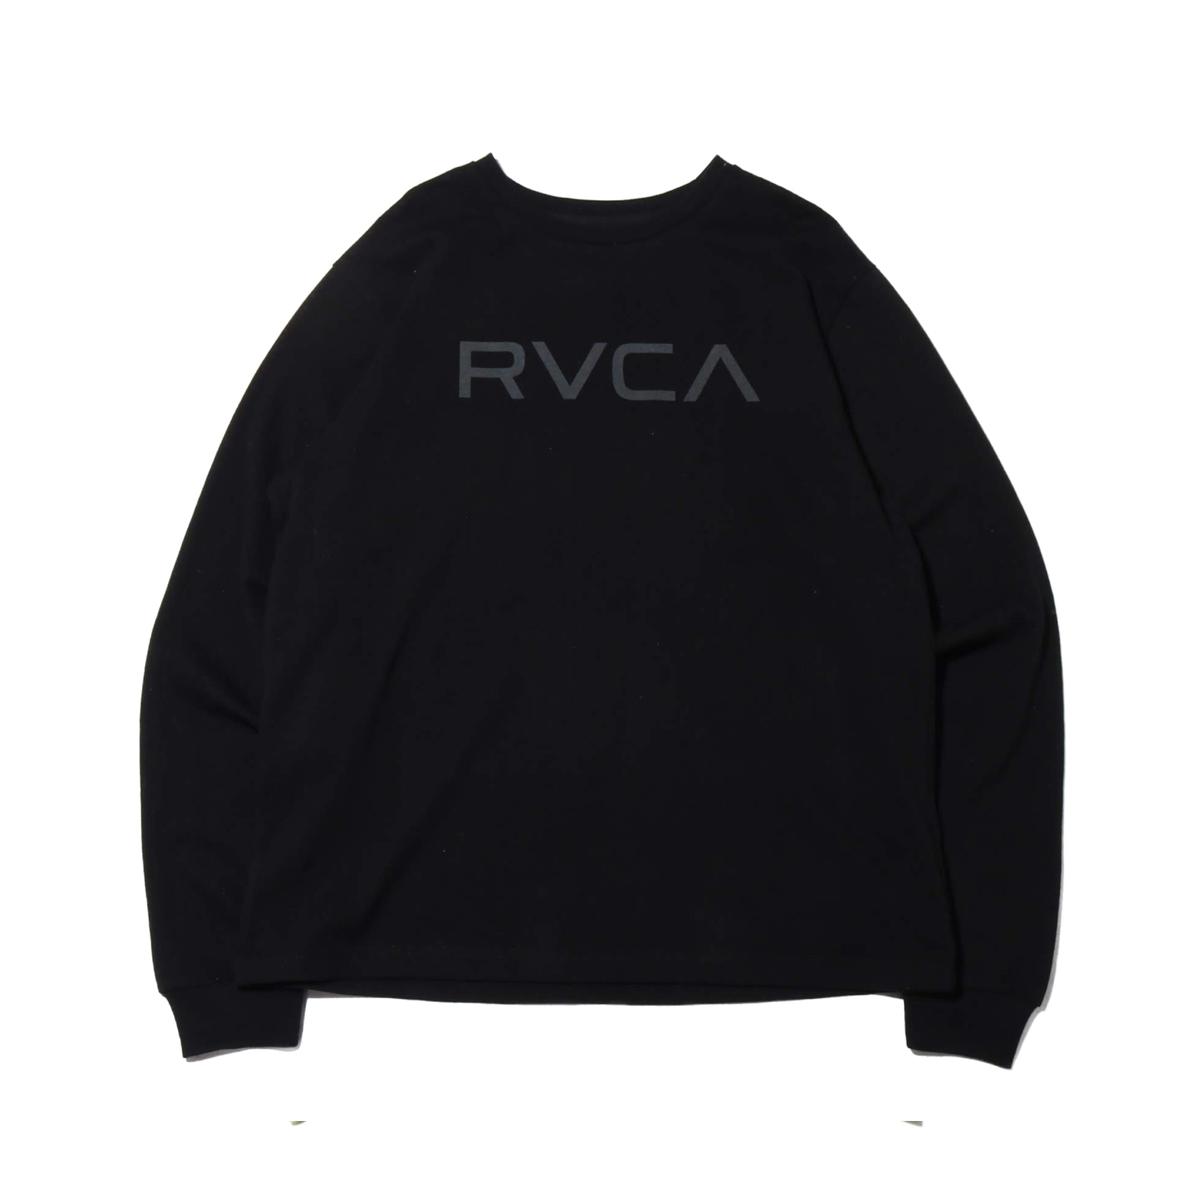 RVCA BIG RVCA LS TEE(ルーカ ビッグ ルーカ ロングスリーブ ティー)BLACK【メンズ 長袖Tシャツ】19FW-I